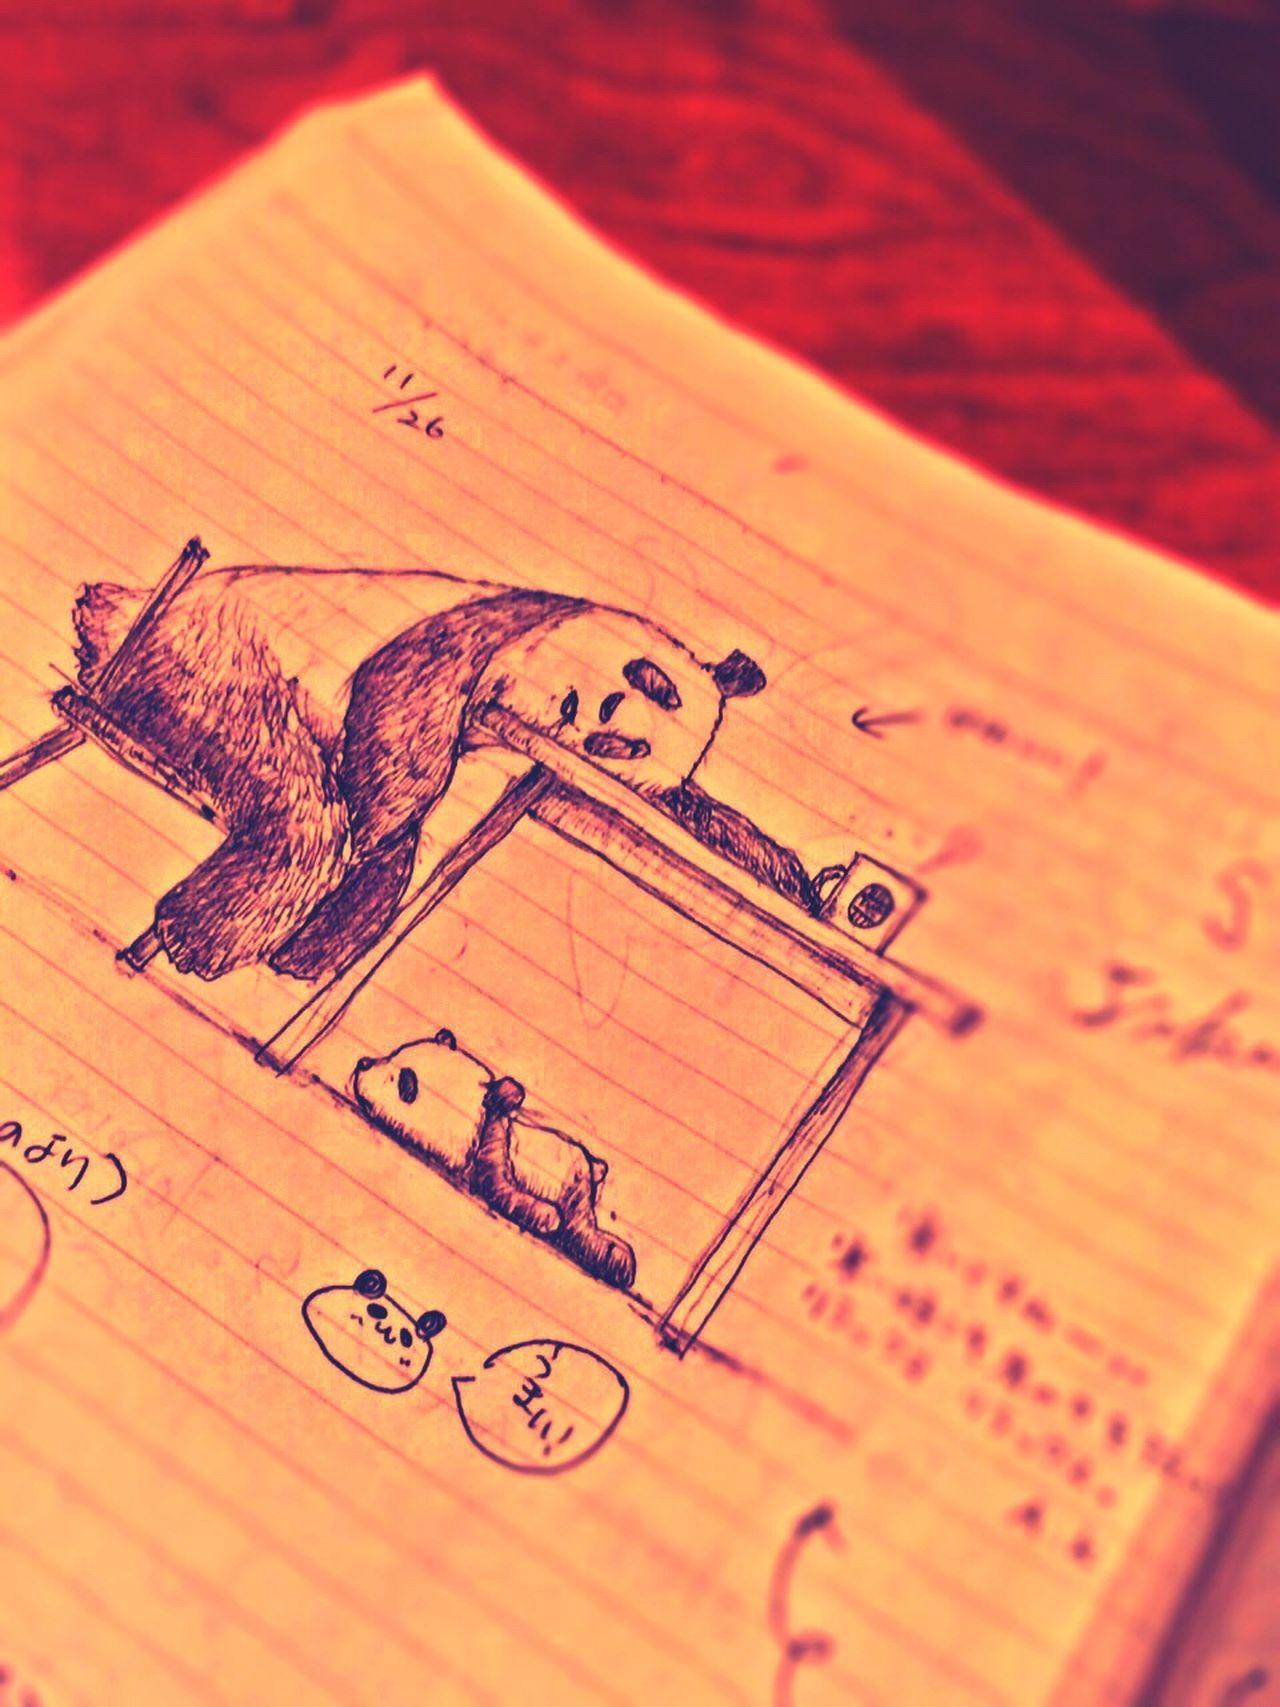 新宿のTULLY'S COFFEEにて。たまにダイニングでこうして寝てしまっていること、誰かに描かれたかと思いました?? Drawing Panda Graffiti Book